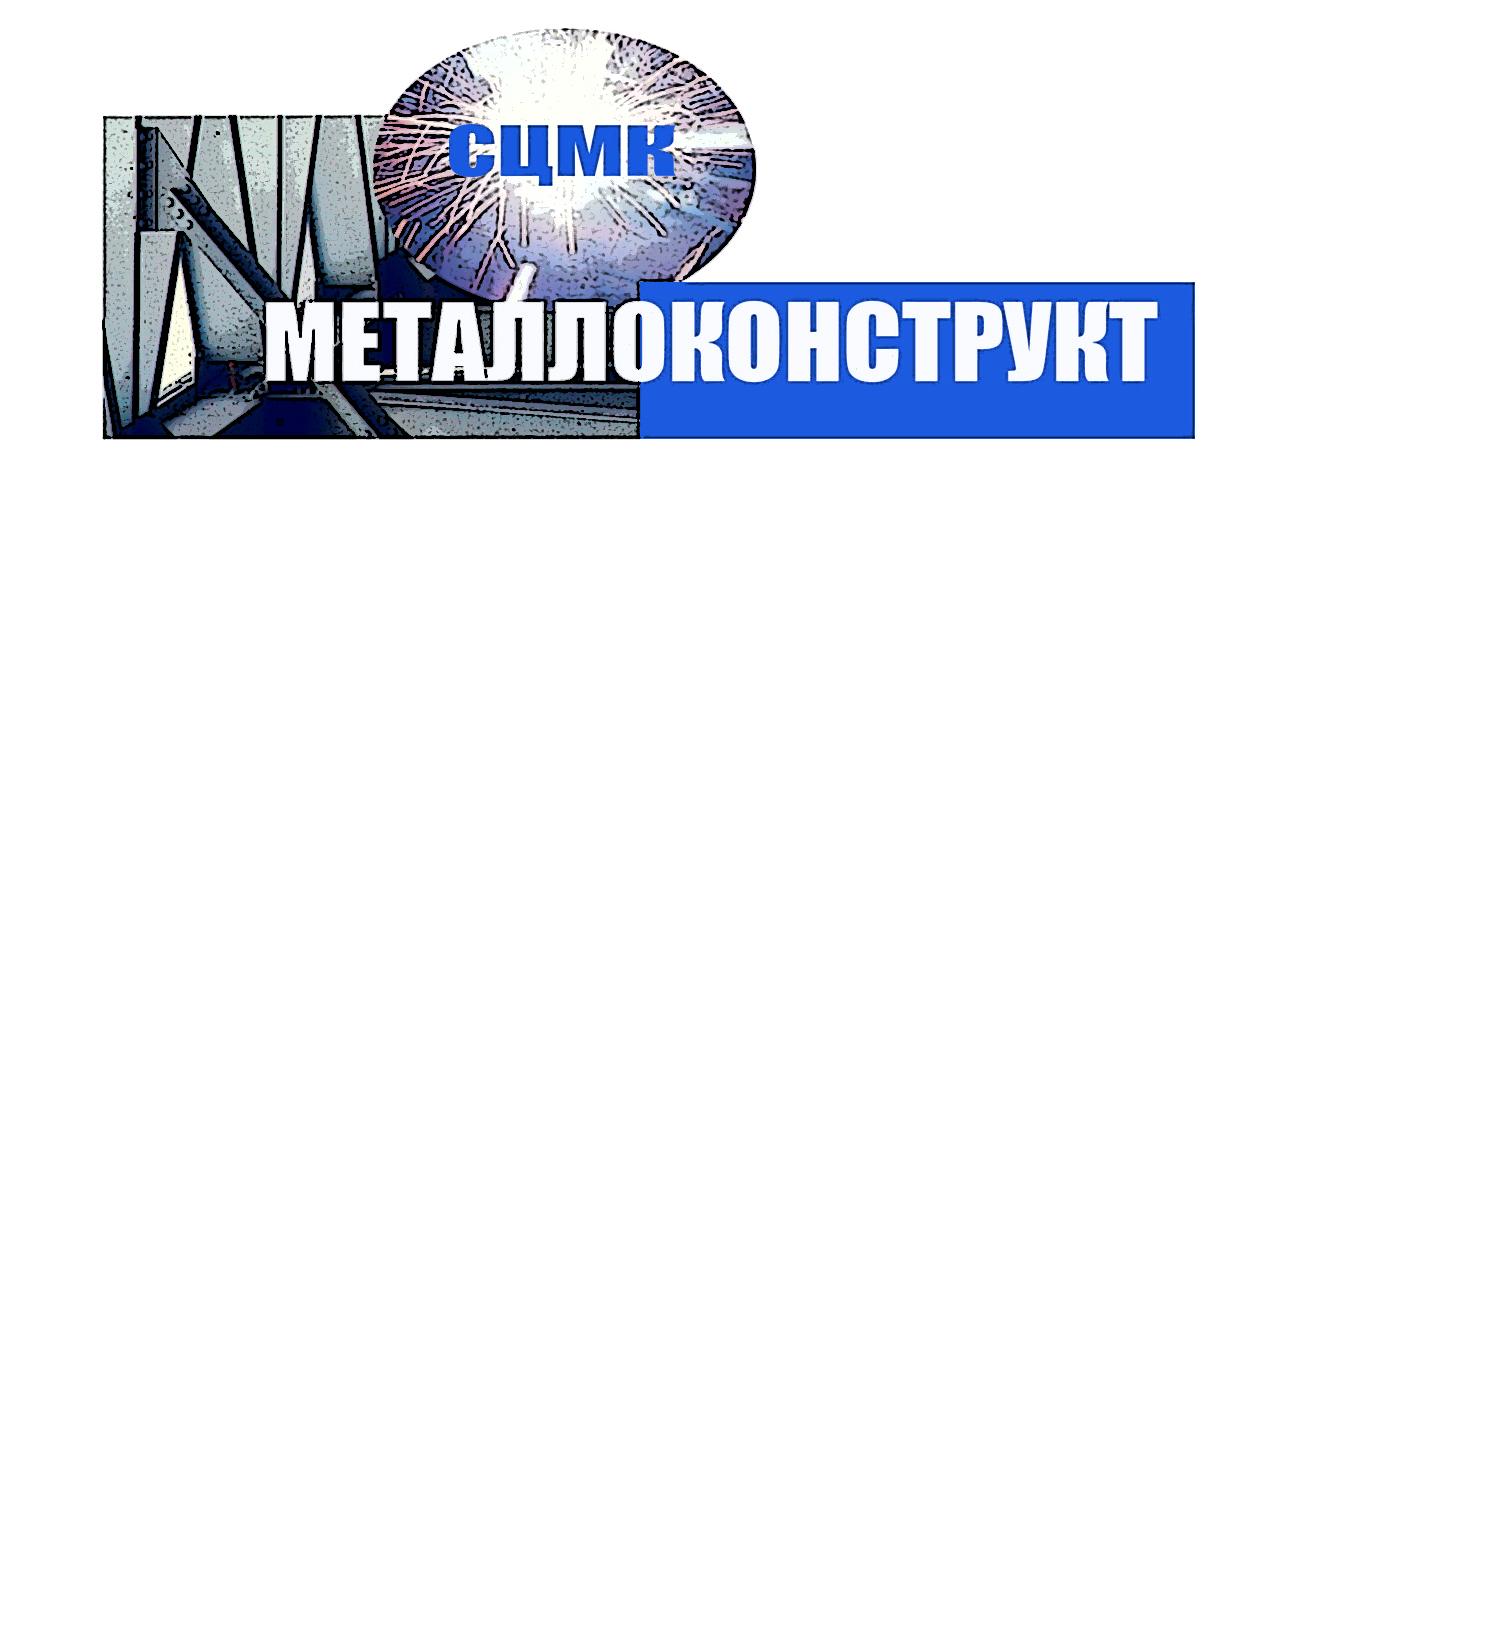 Разработка логотипа и фирменного стиля фото f_2515adae10872d9a.jpg